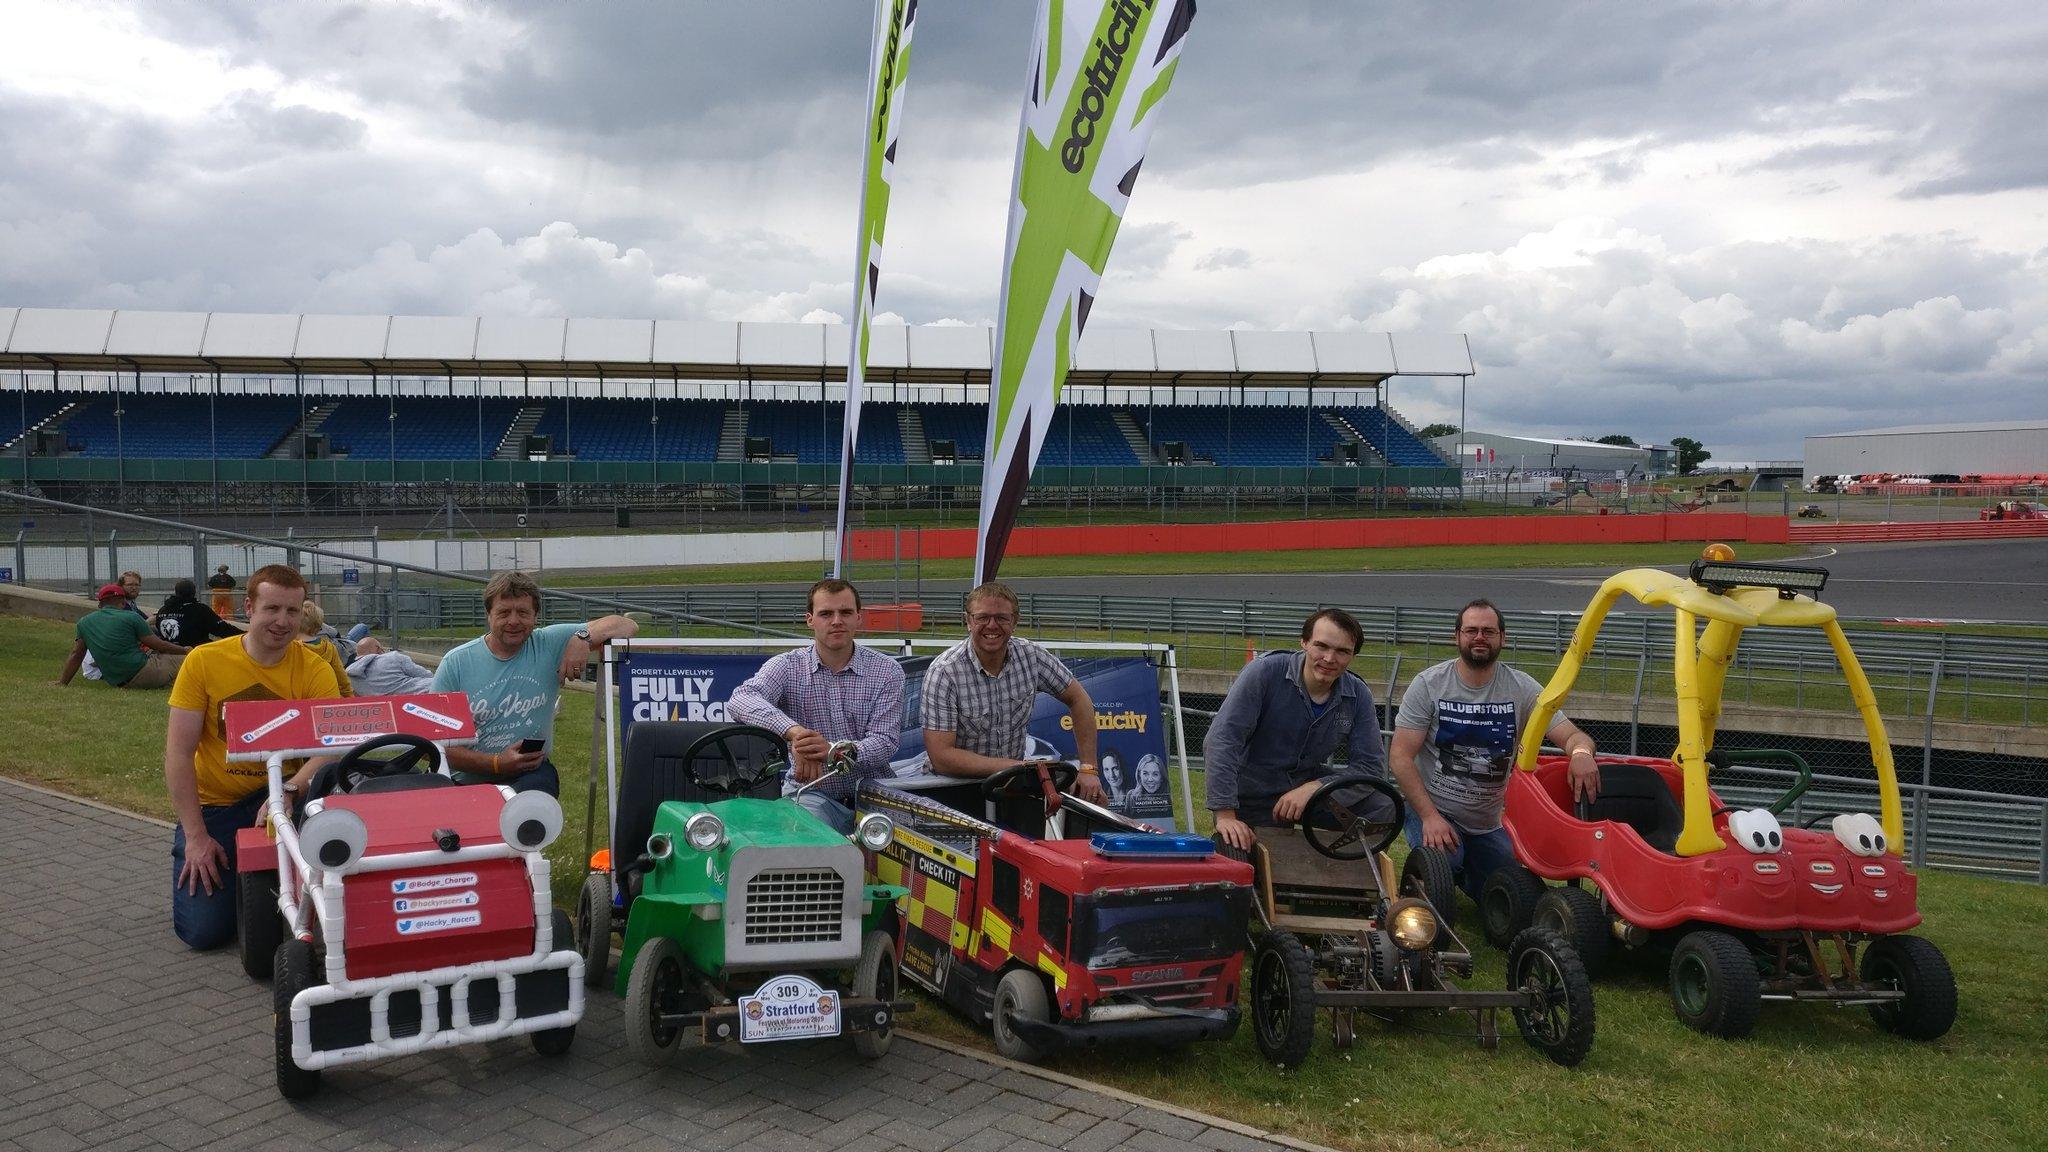 Hacky Racers!